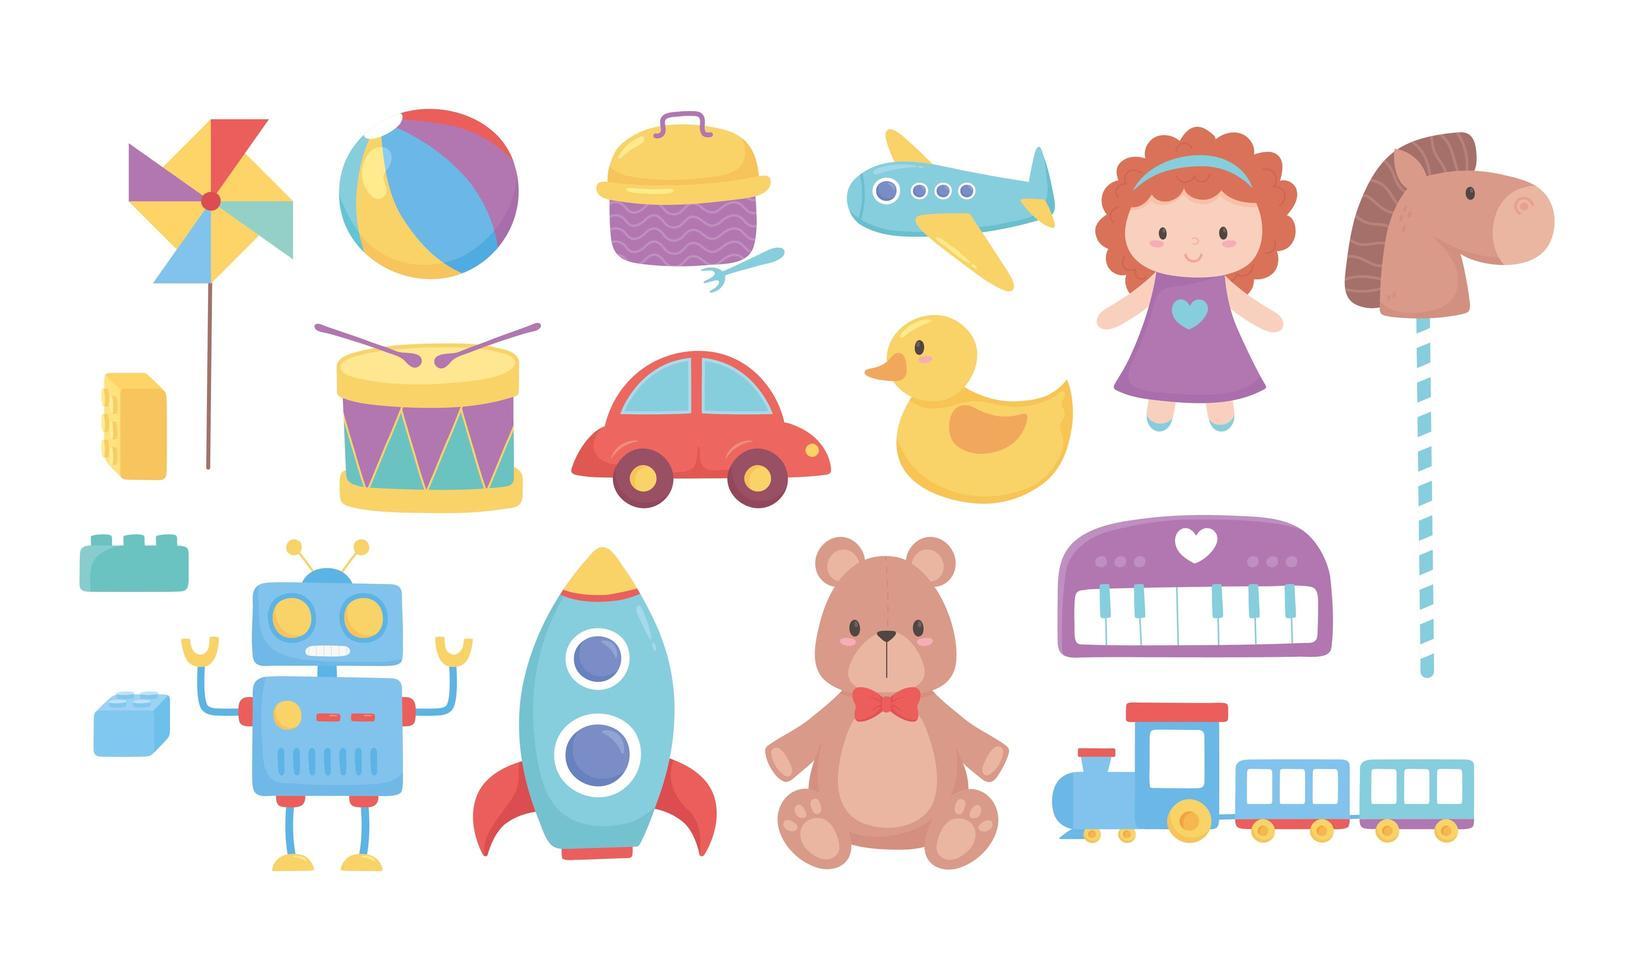 enfants jouets ours poupée cheval voiture train tambour robot fusée balle avion icônes dessin animé vecteur